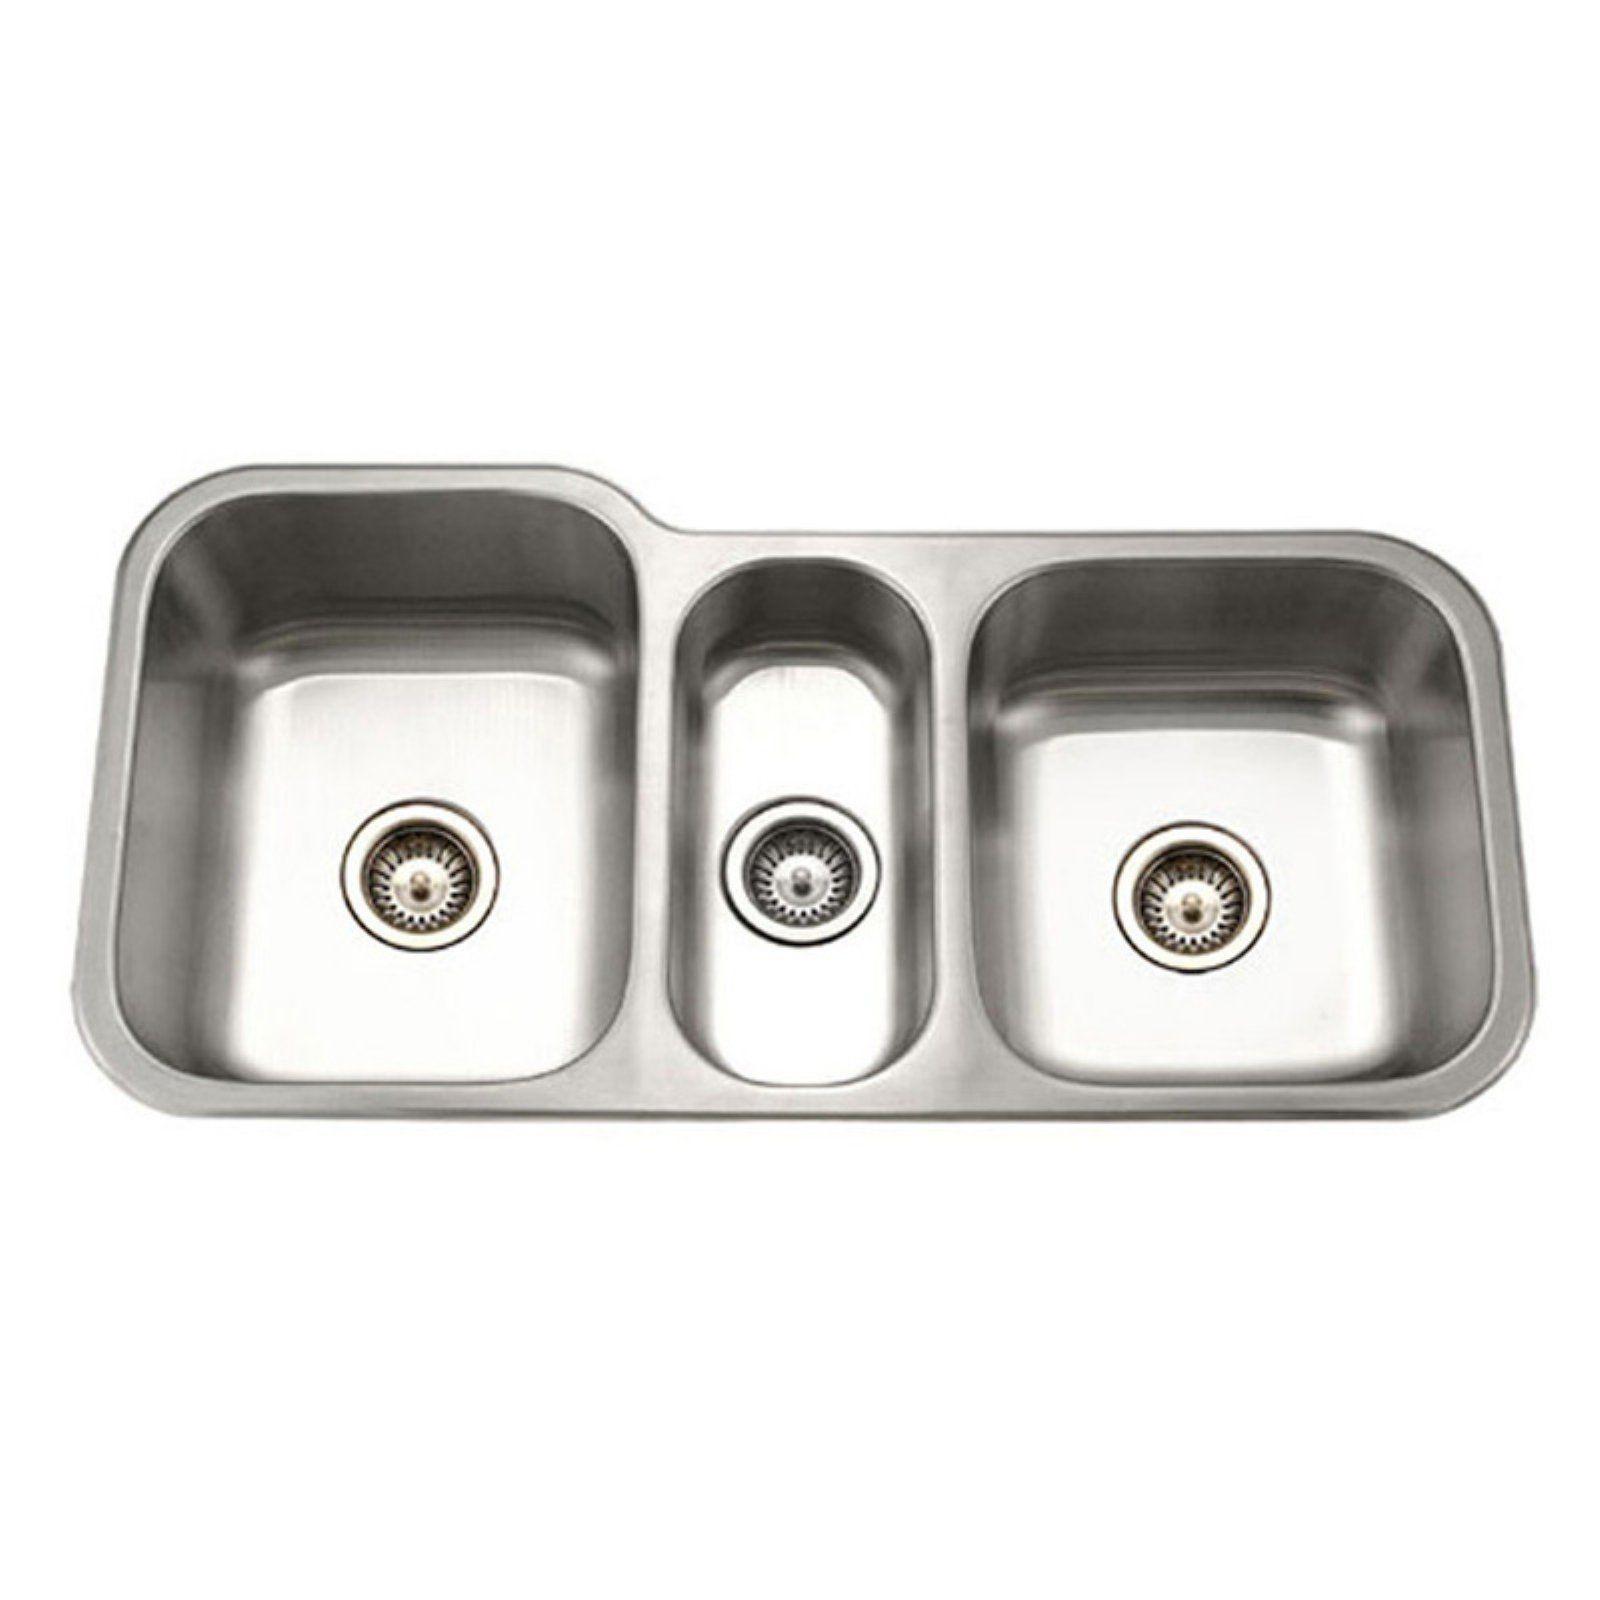 Houzer Medallion Gourmet Mgt 4120 1 Undermount Kitchen Sink